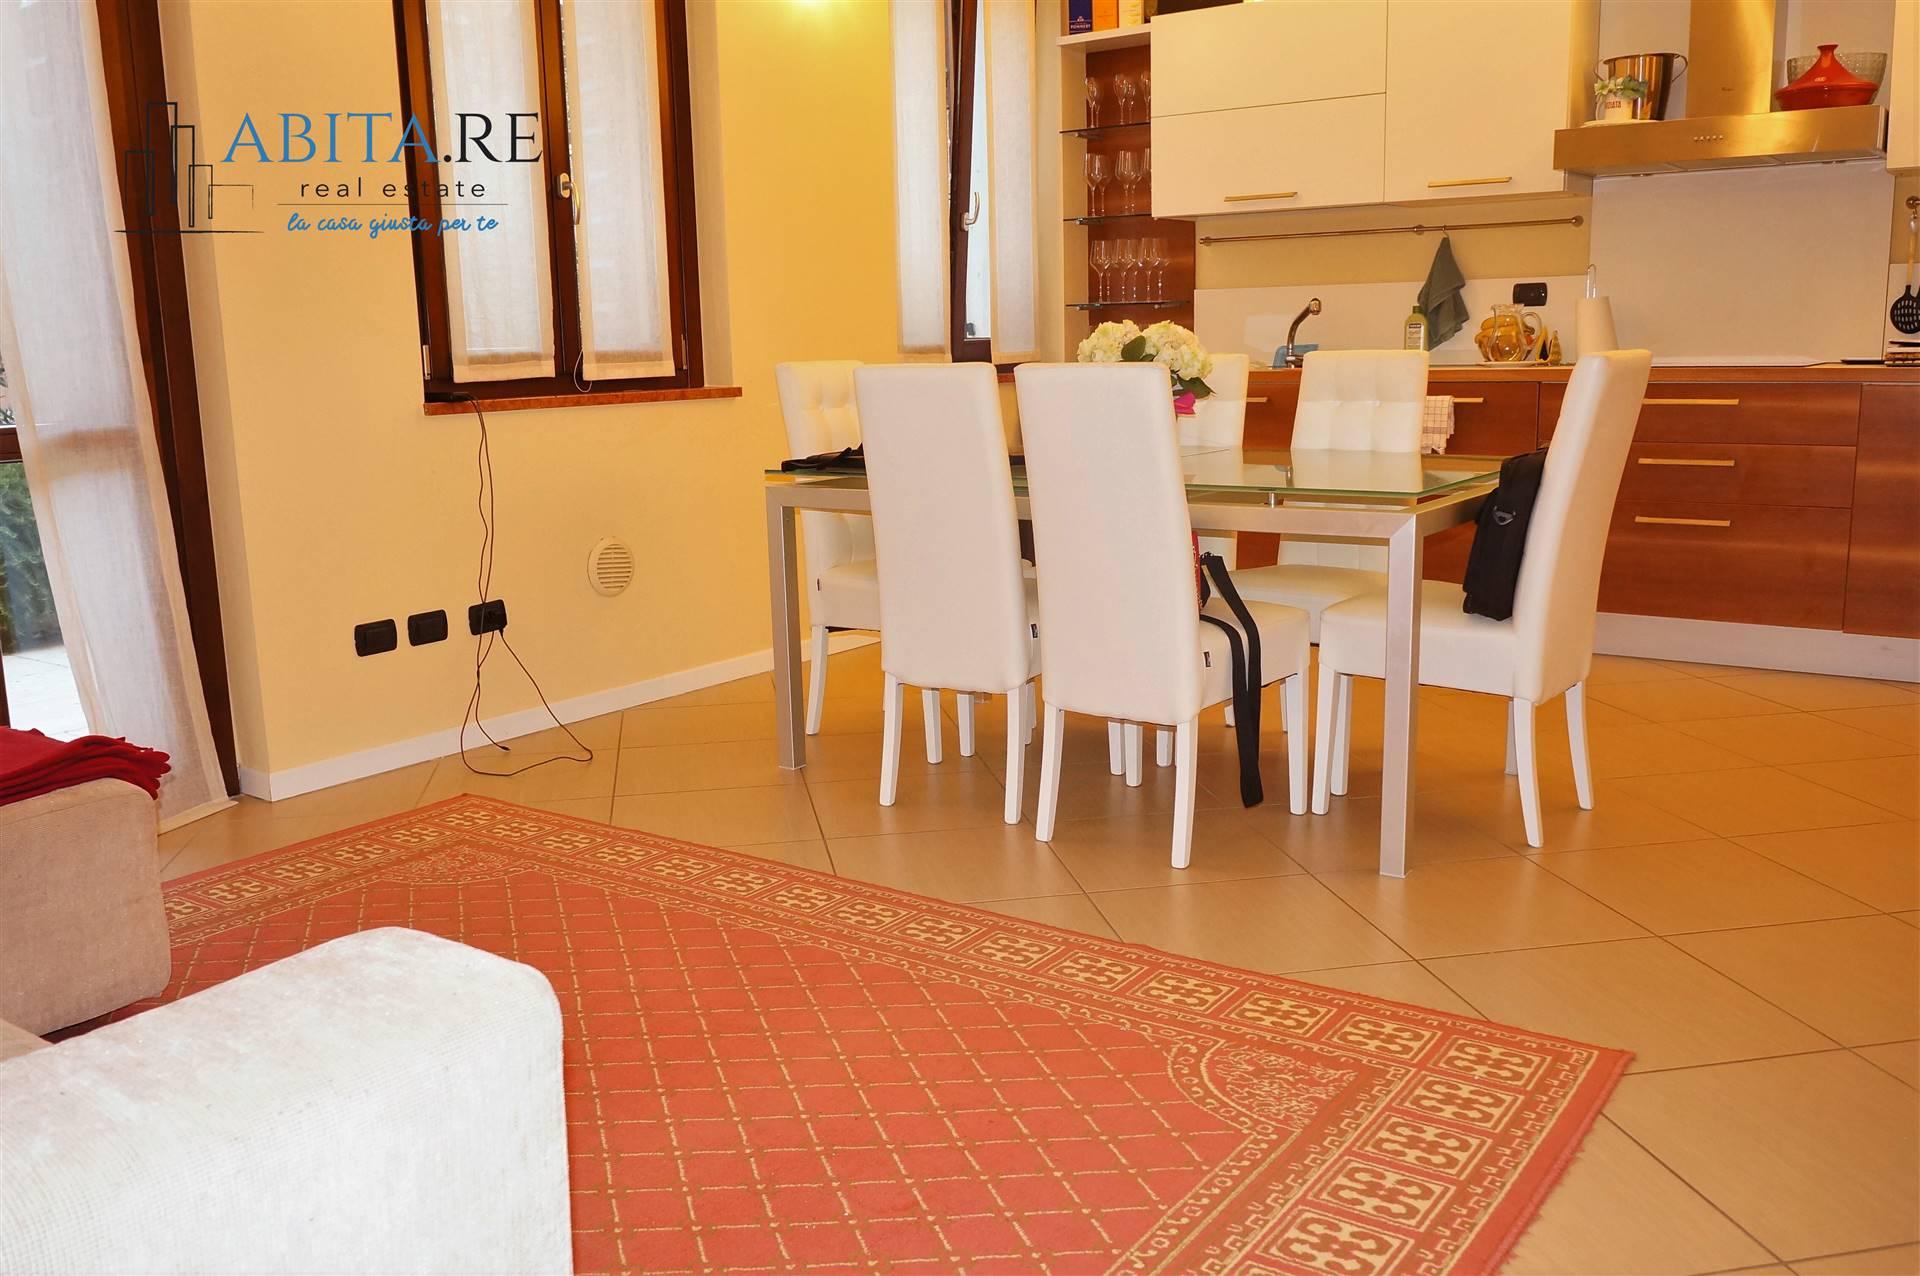 Appartamento in vendita a Soave, 3 locali, prezzo € 165.000   CambioCasa.it